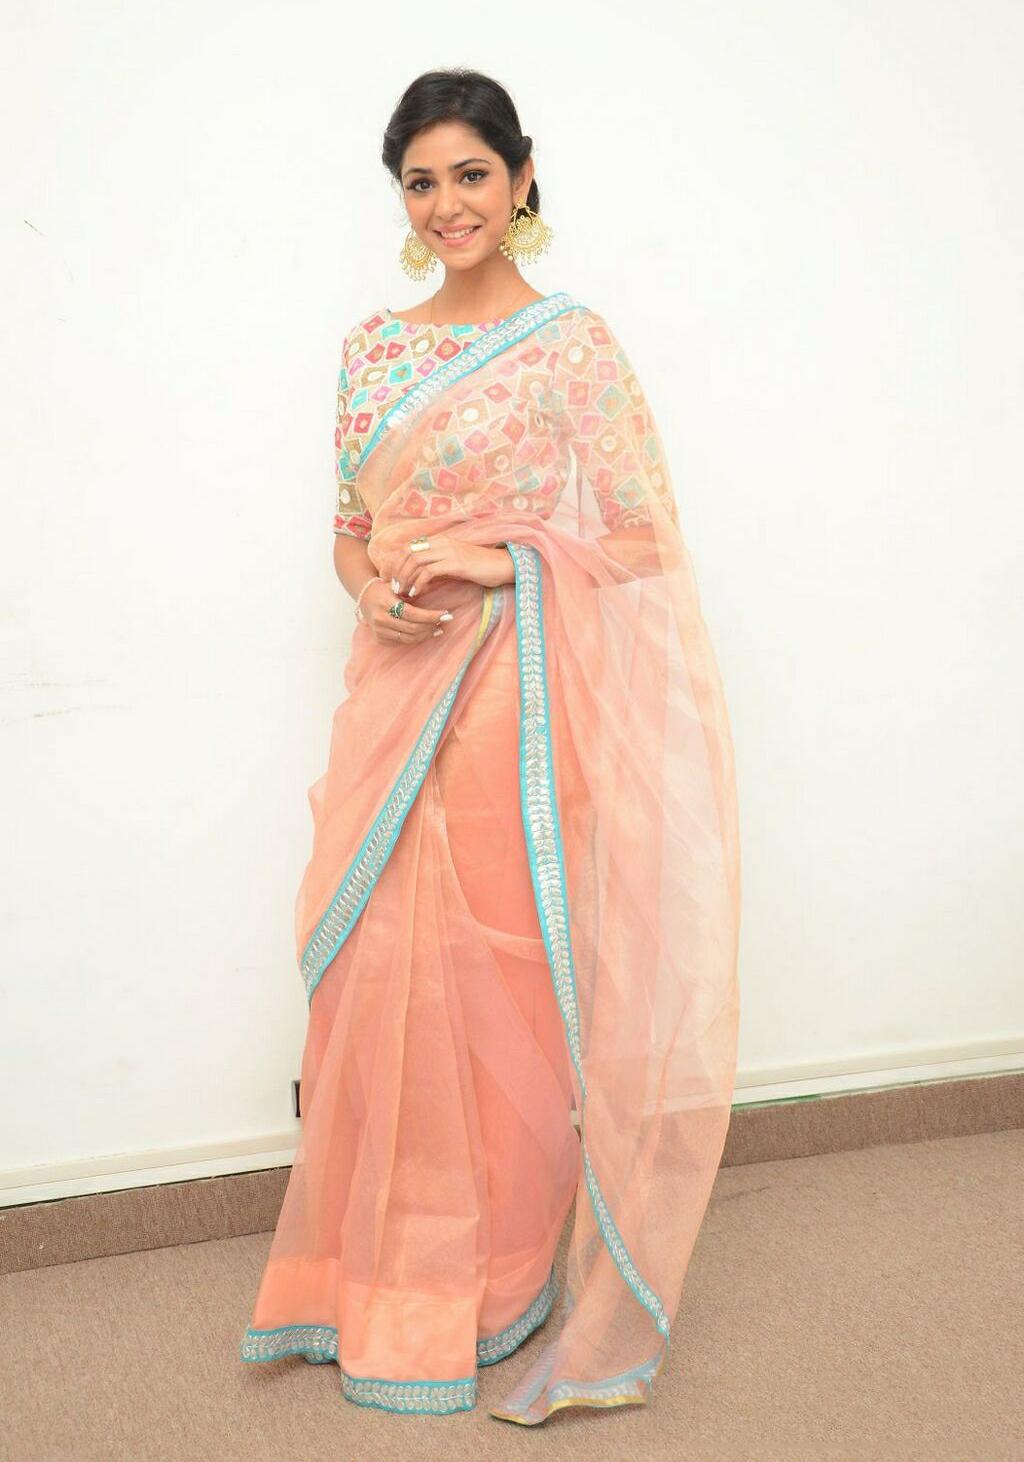 Priyanka Bhardwaj's look